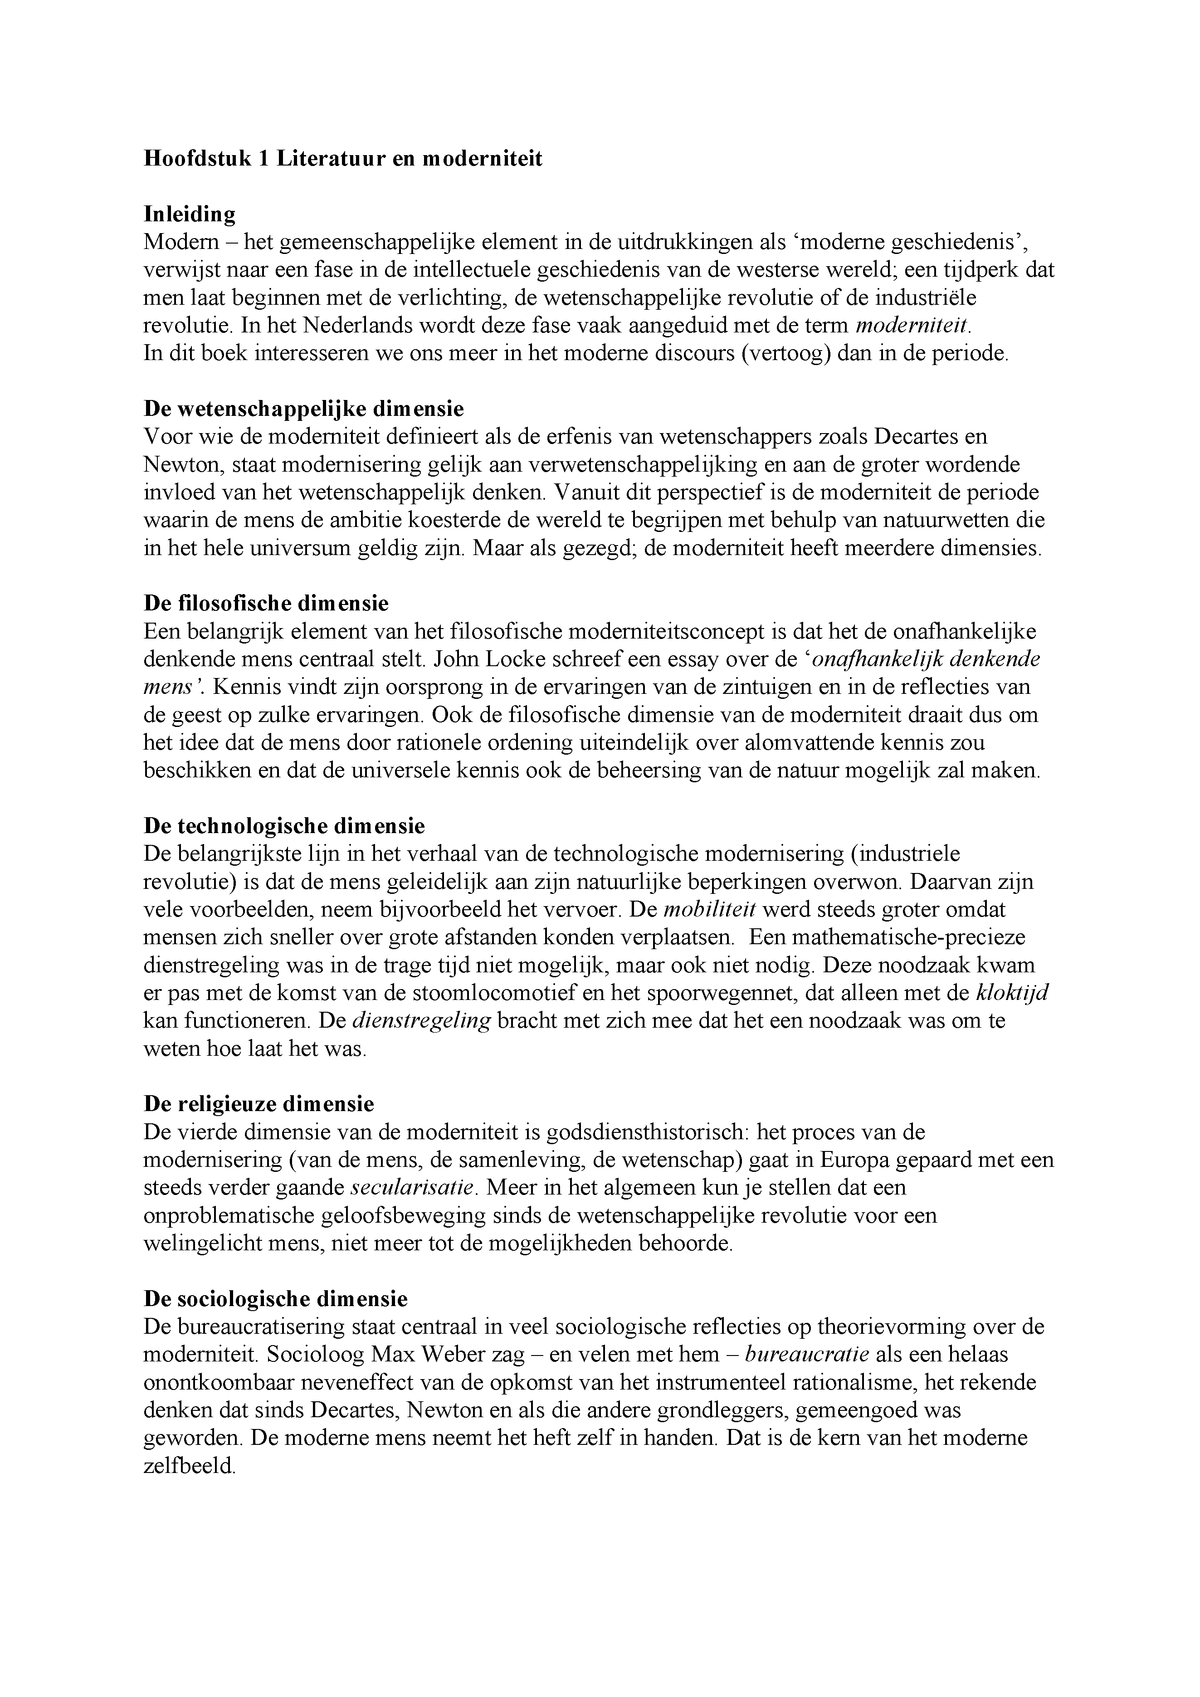 Samenvatting De Geschiedenis Van De Moderne Nederlandse